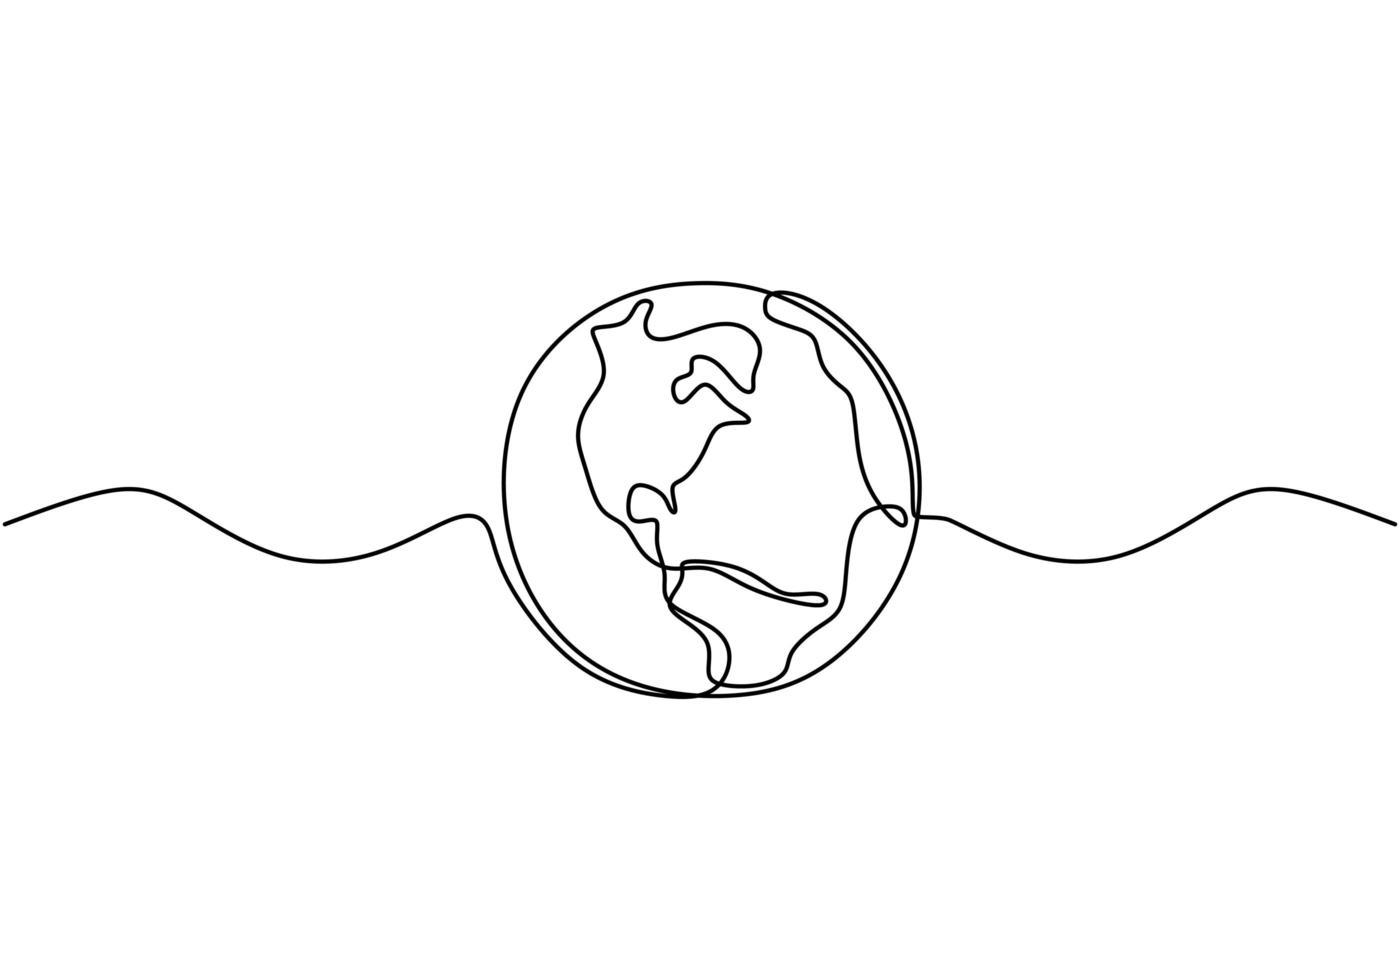 globe terrestre un dessin au trait de la carte du monde vector illustration design minimaliste du minimalisme isolé sur fond blanc.